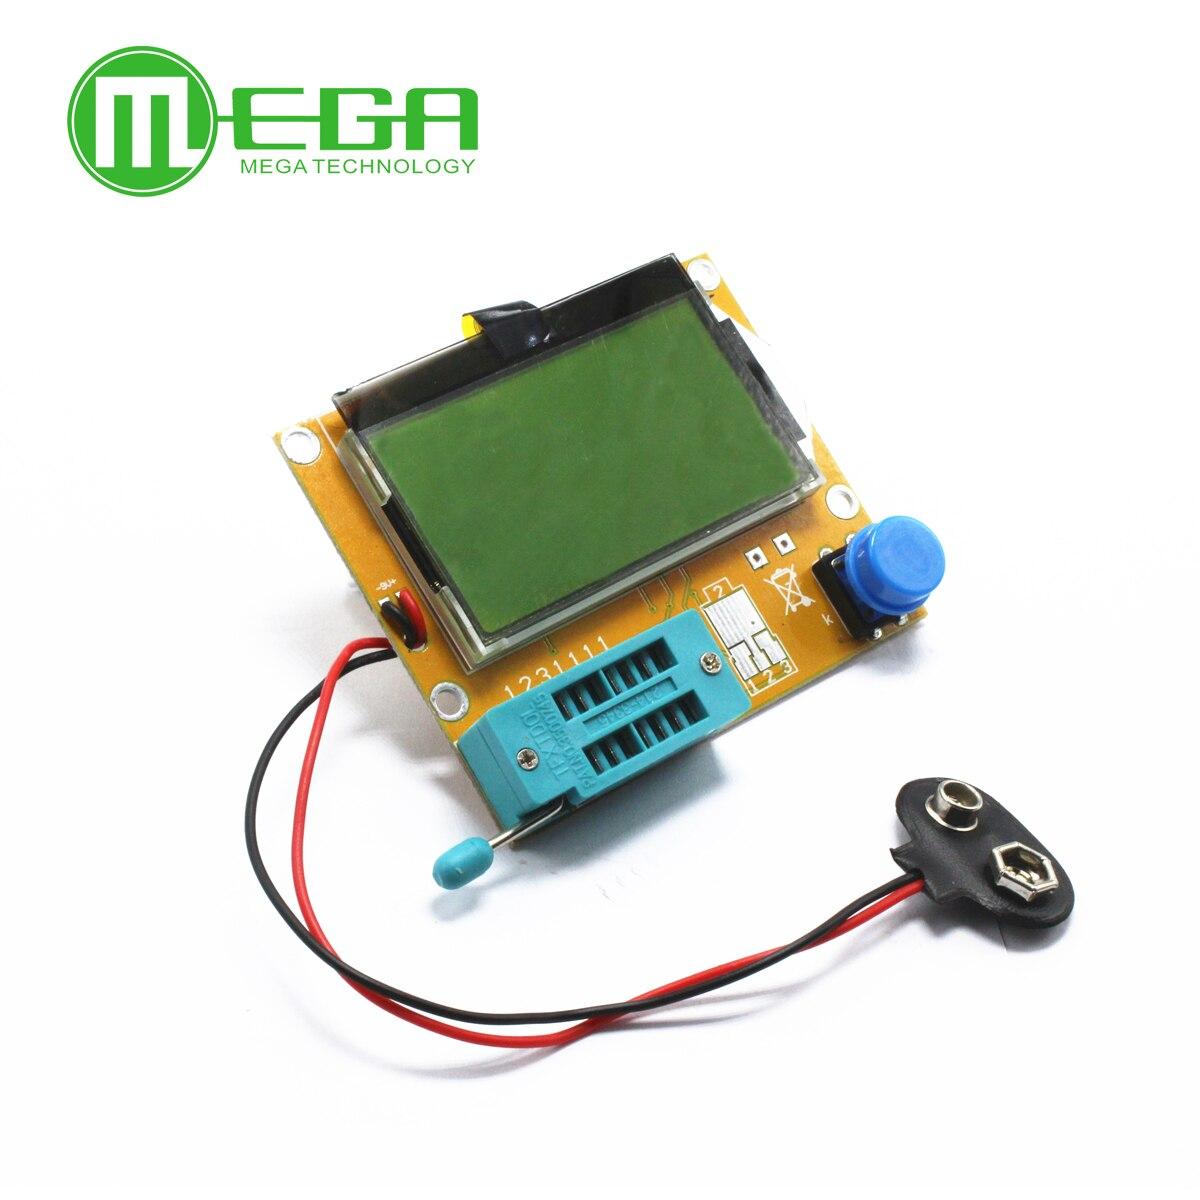 Тестер транзисторов Mega328, 1 шт., измеритель емкости диода, триода, ЭПС, MOS/PNP/NPN L/C/R, исправная работа